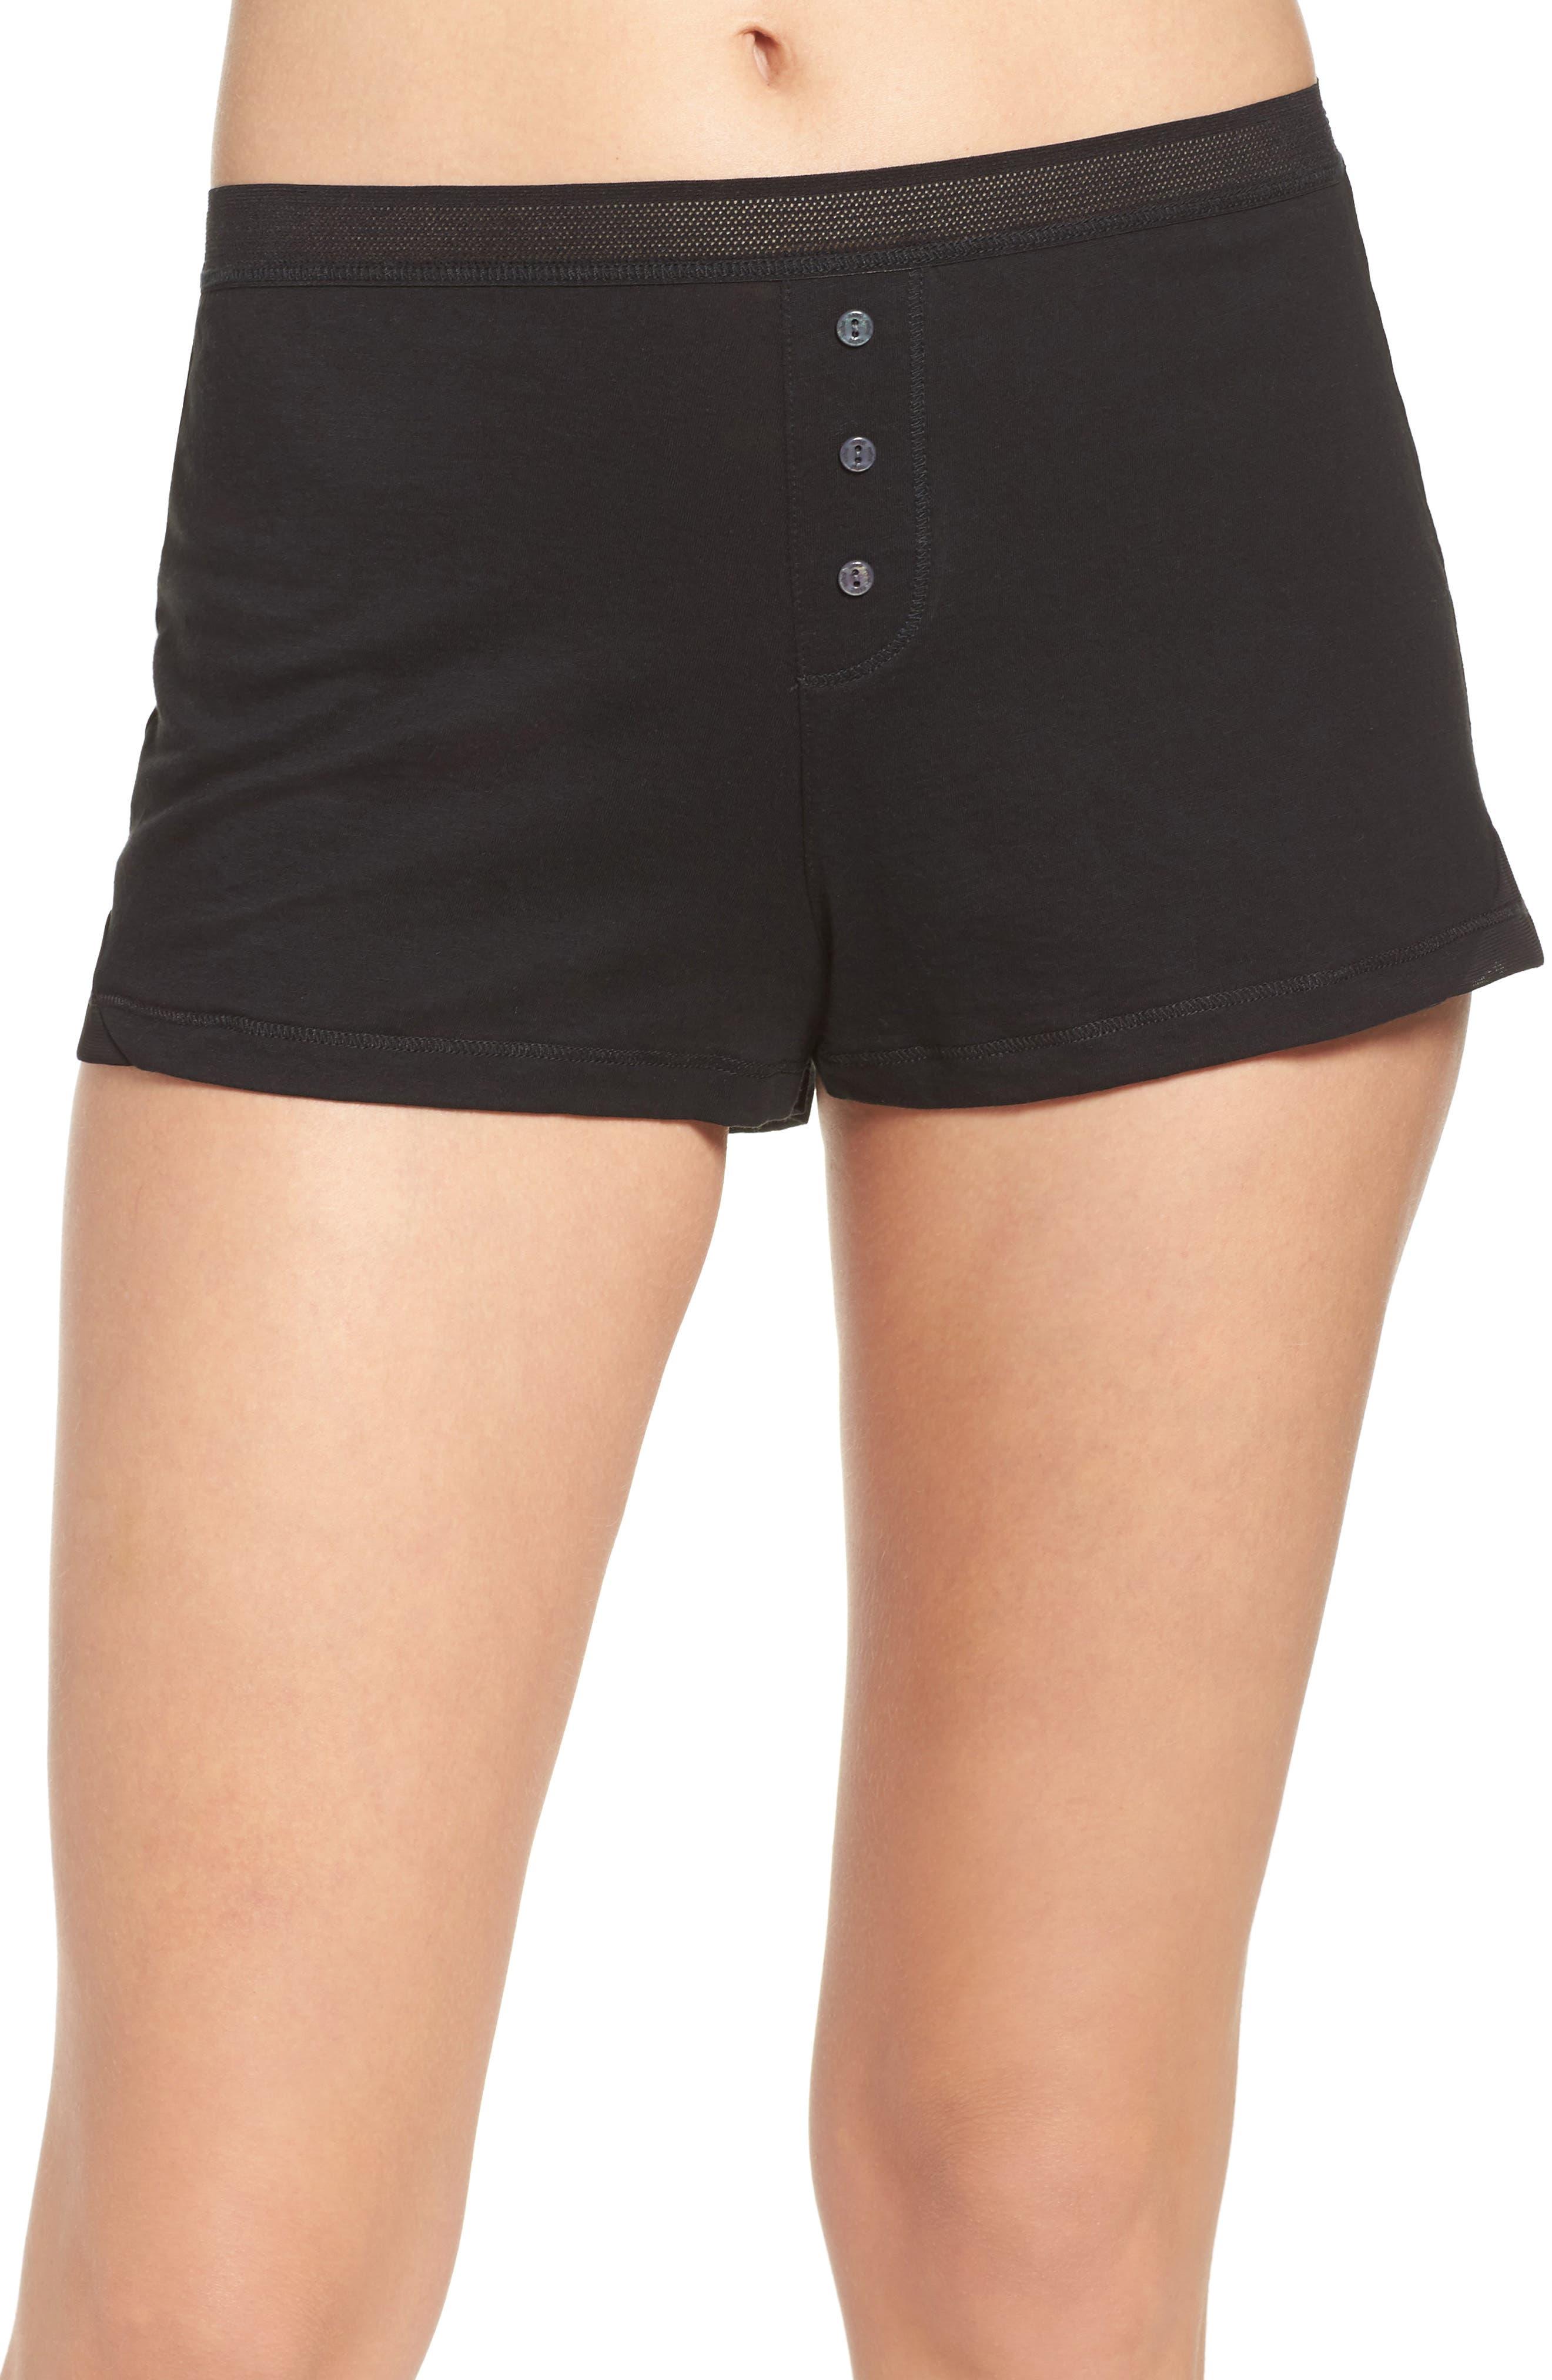 Naked Pima Cotton Sleep Shorts